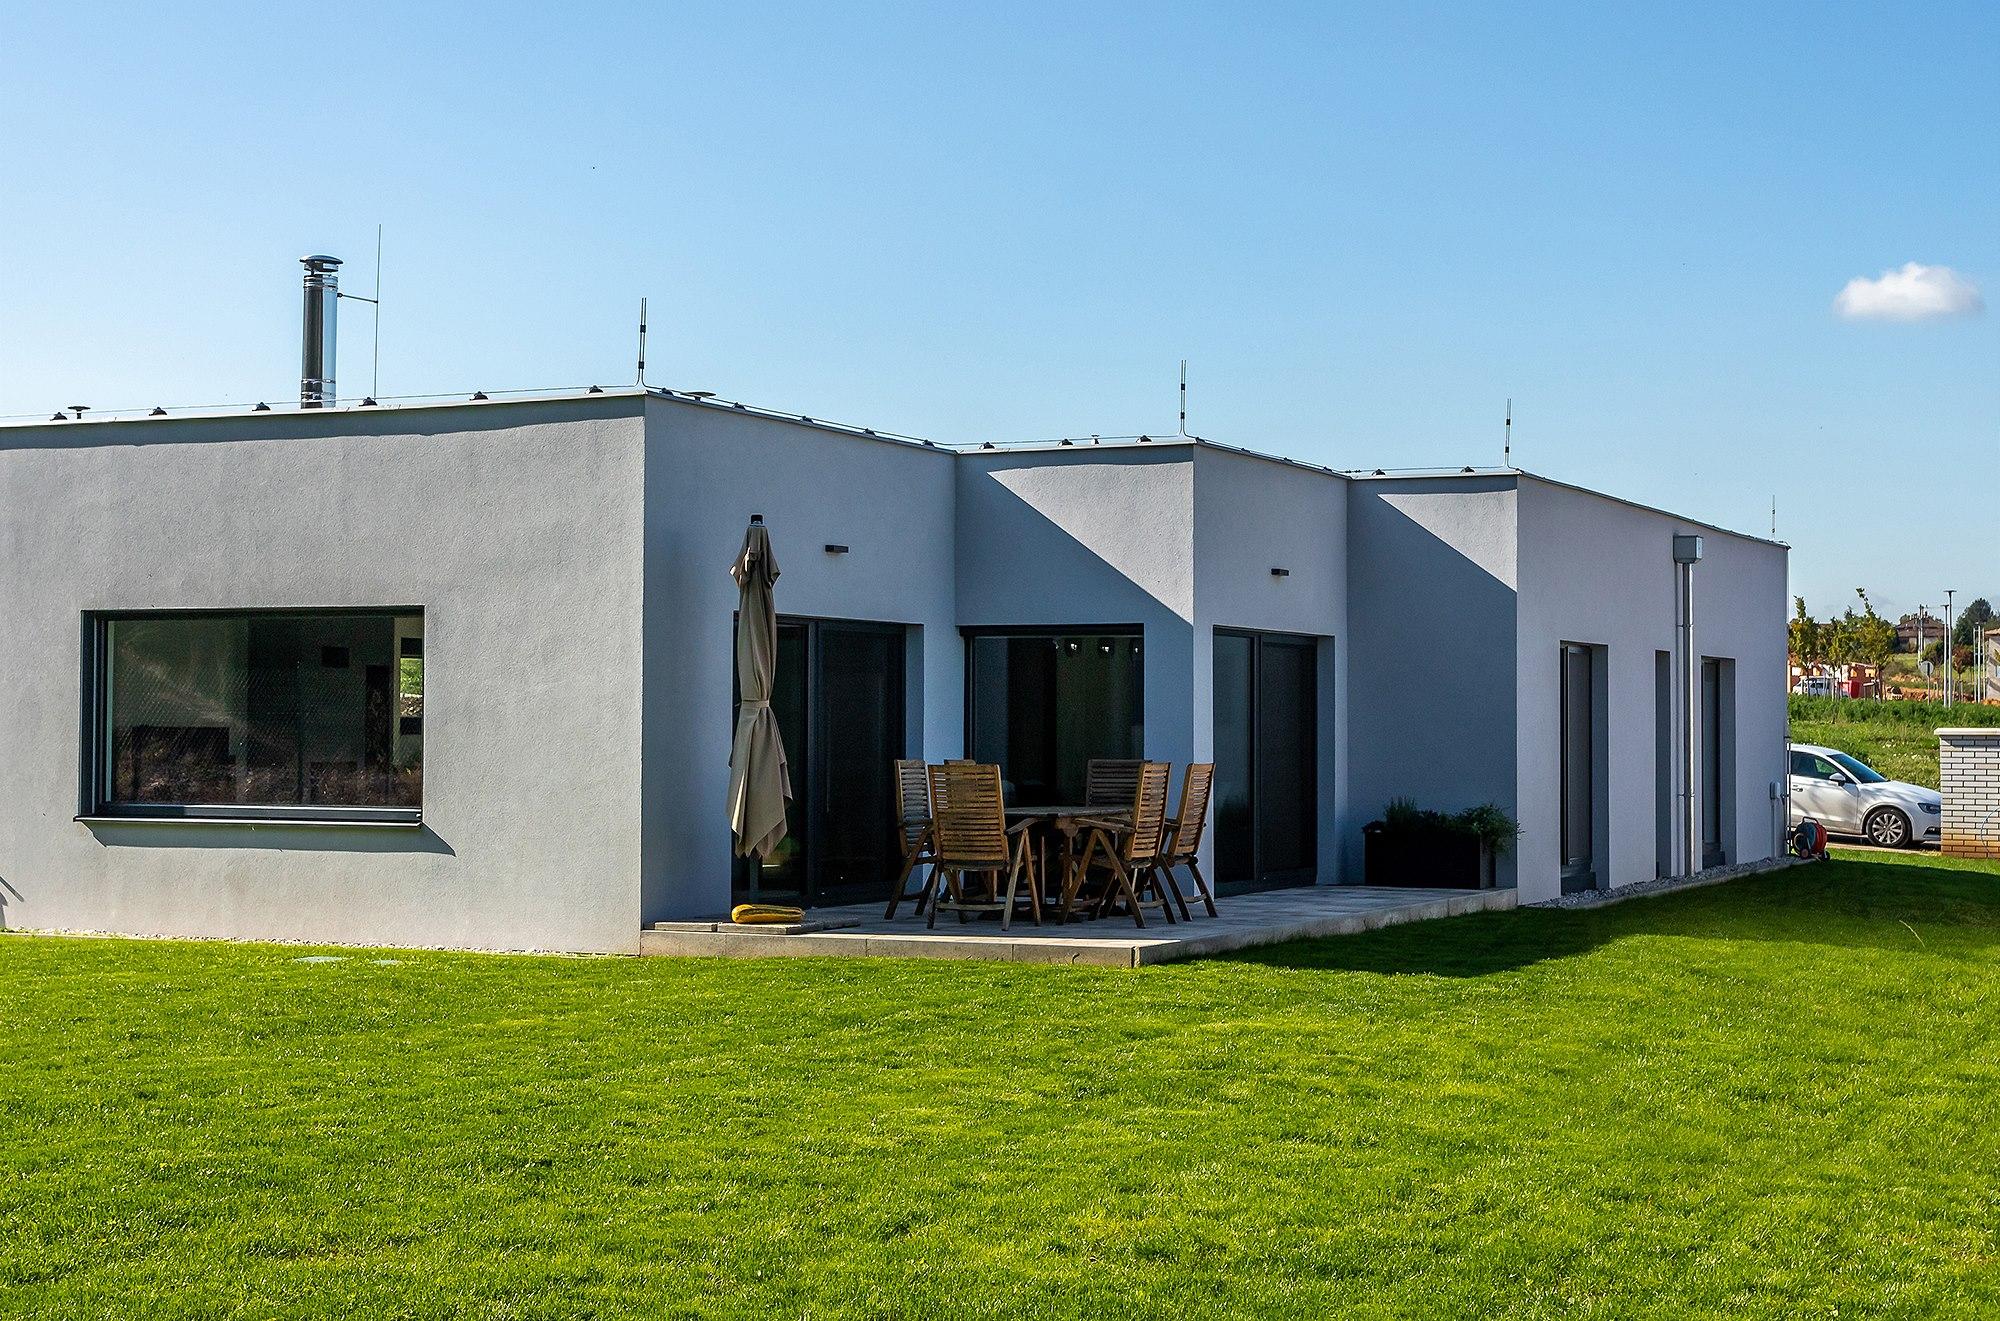 Rodinné domy ve Vysokém Újezdu: Bydlení, které dává smysl